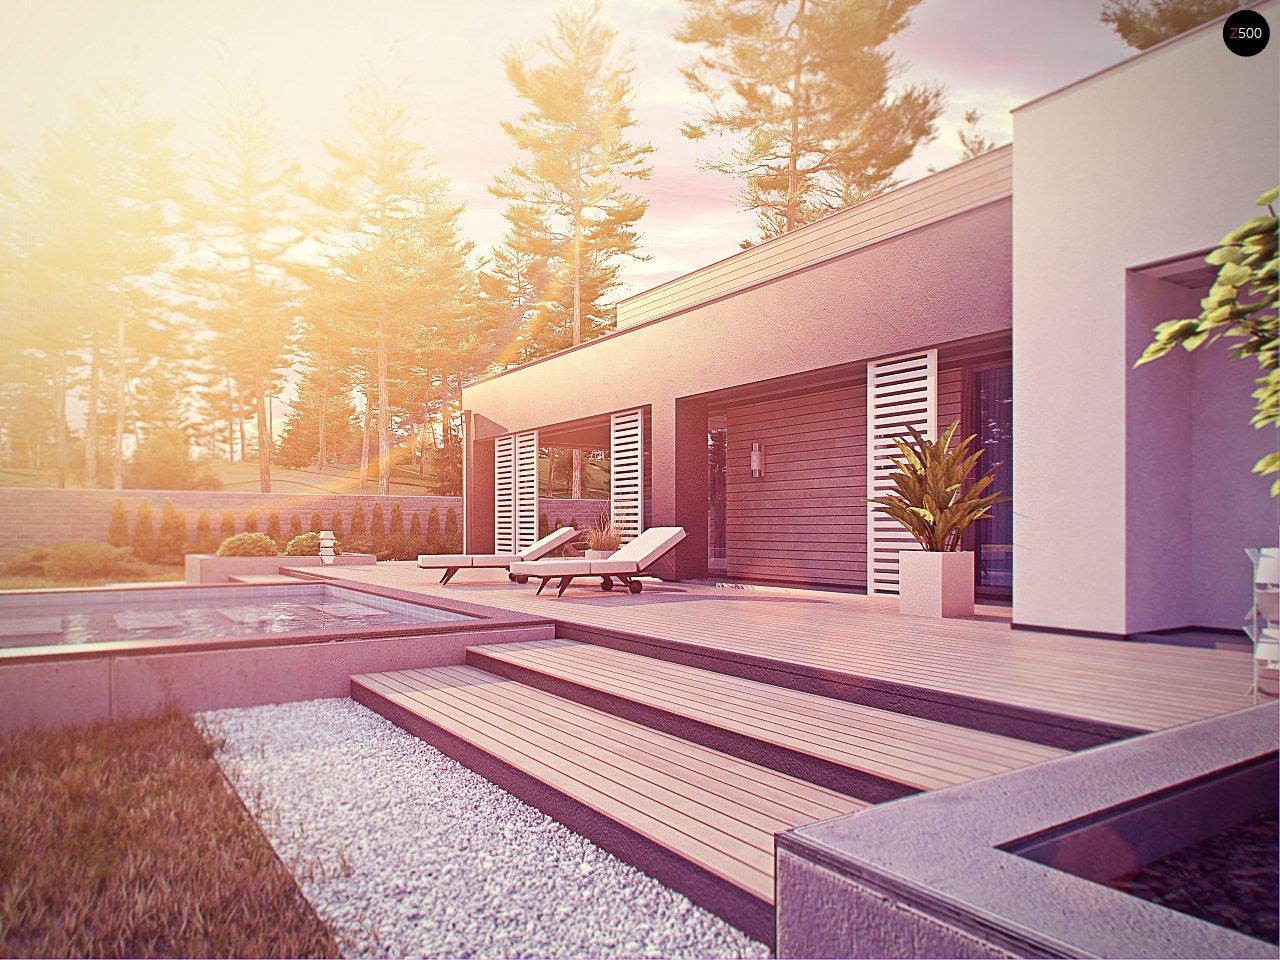 Одноэтажный дом в стиле хай-тек с плоской кровлей и большой площадью остекления. 14